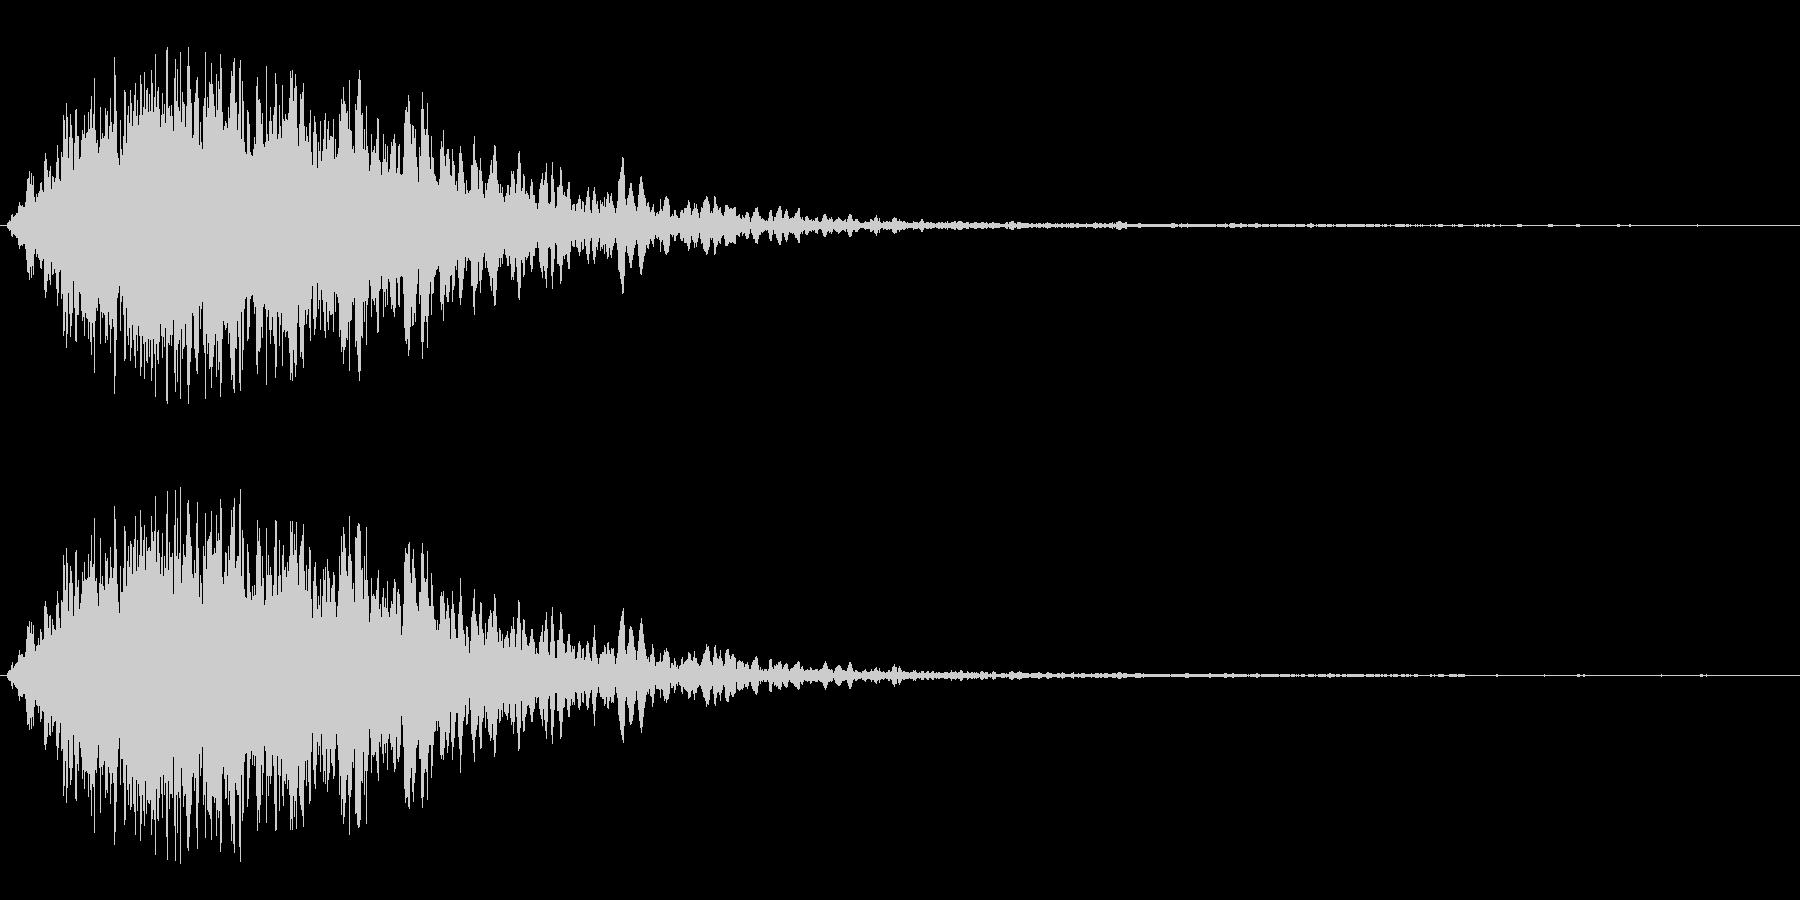 レーザービームの発射音の未再生の波形